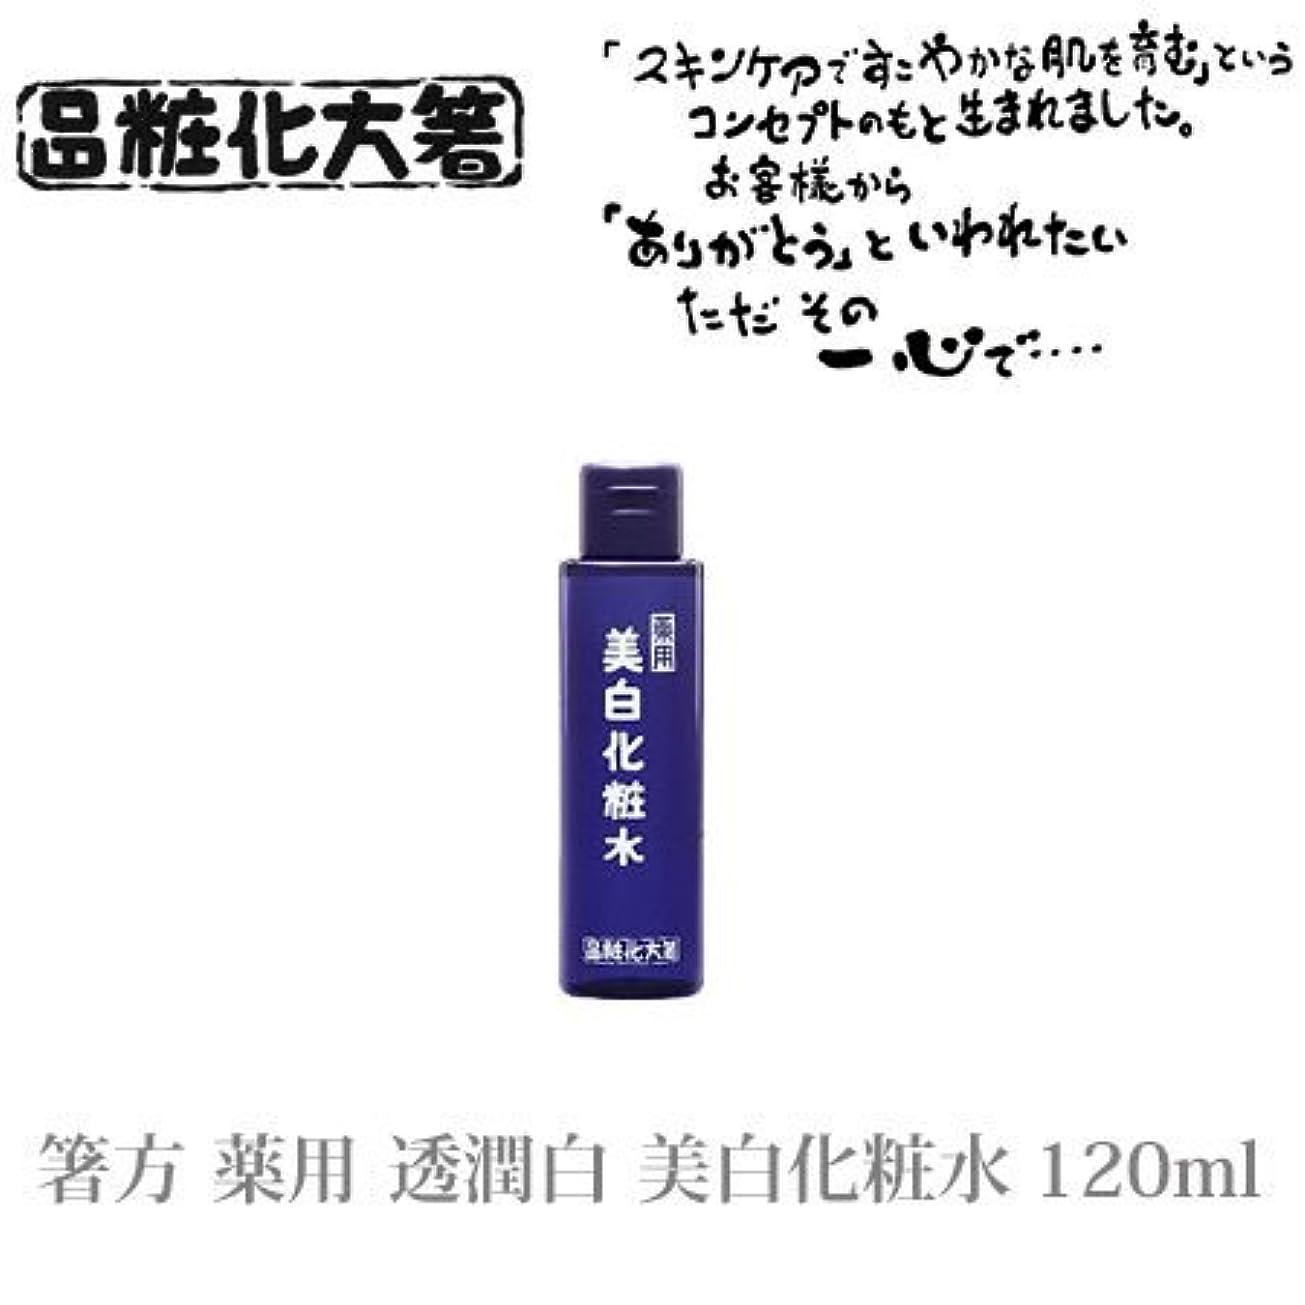 キリスト教ダイジェスト割り込み箸方化粧品 薬用 透潤白 美白化粧水 120ml はしかた化粧品